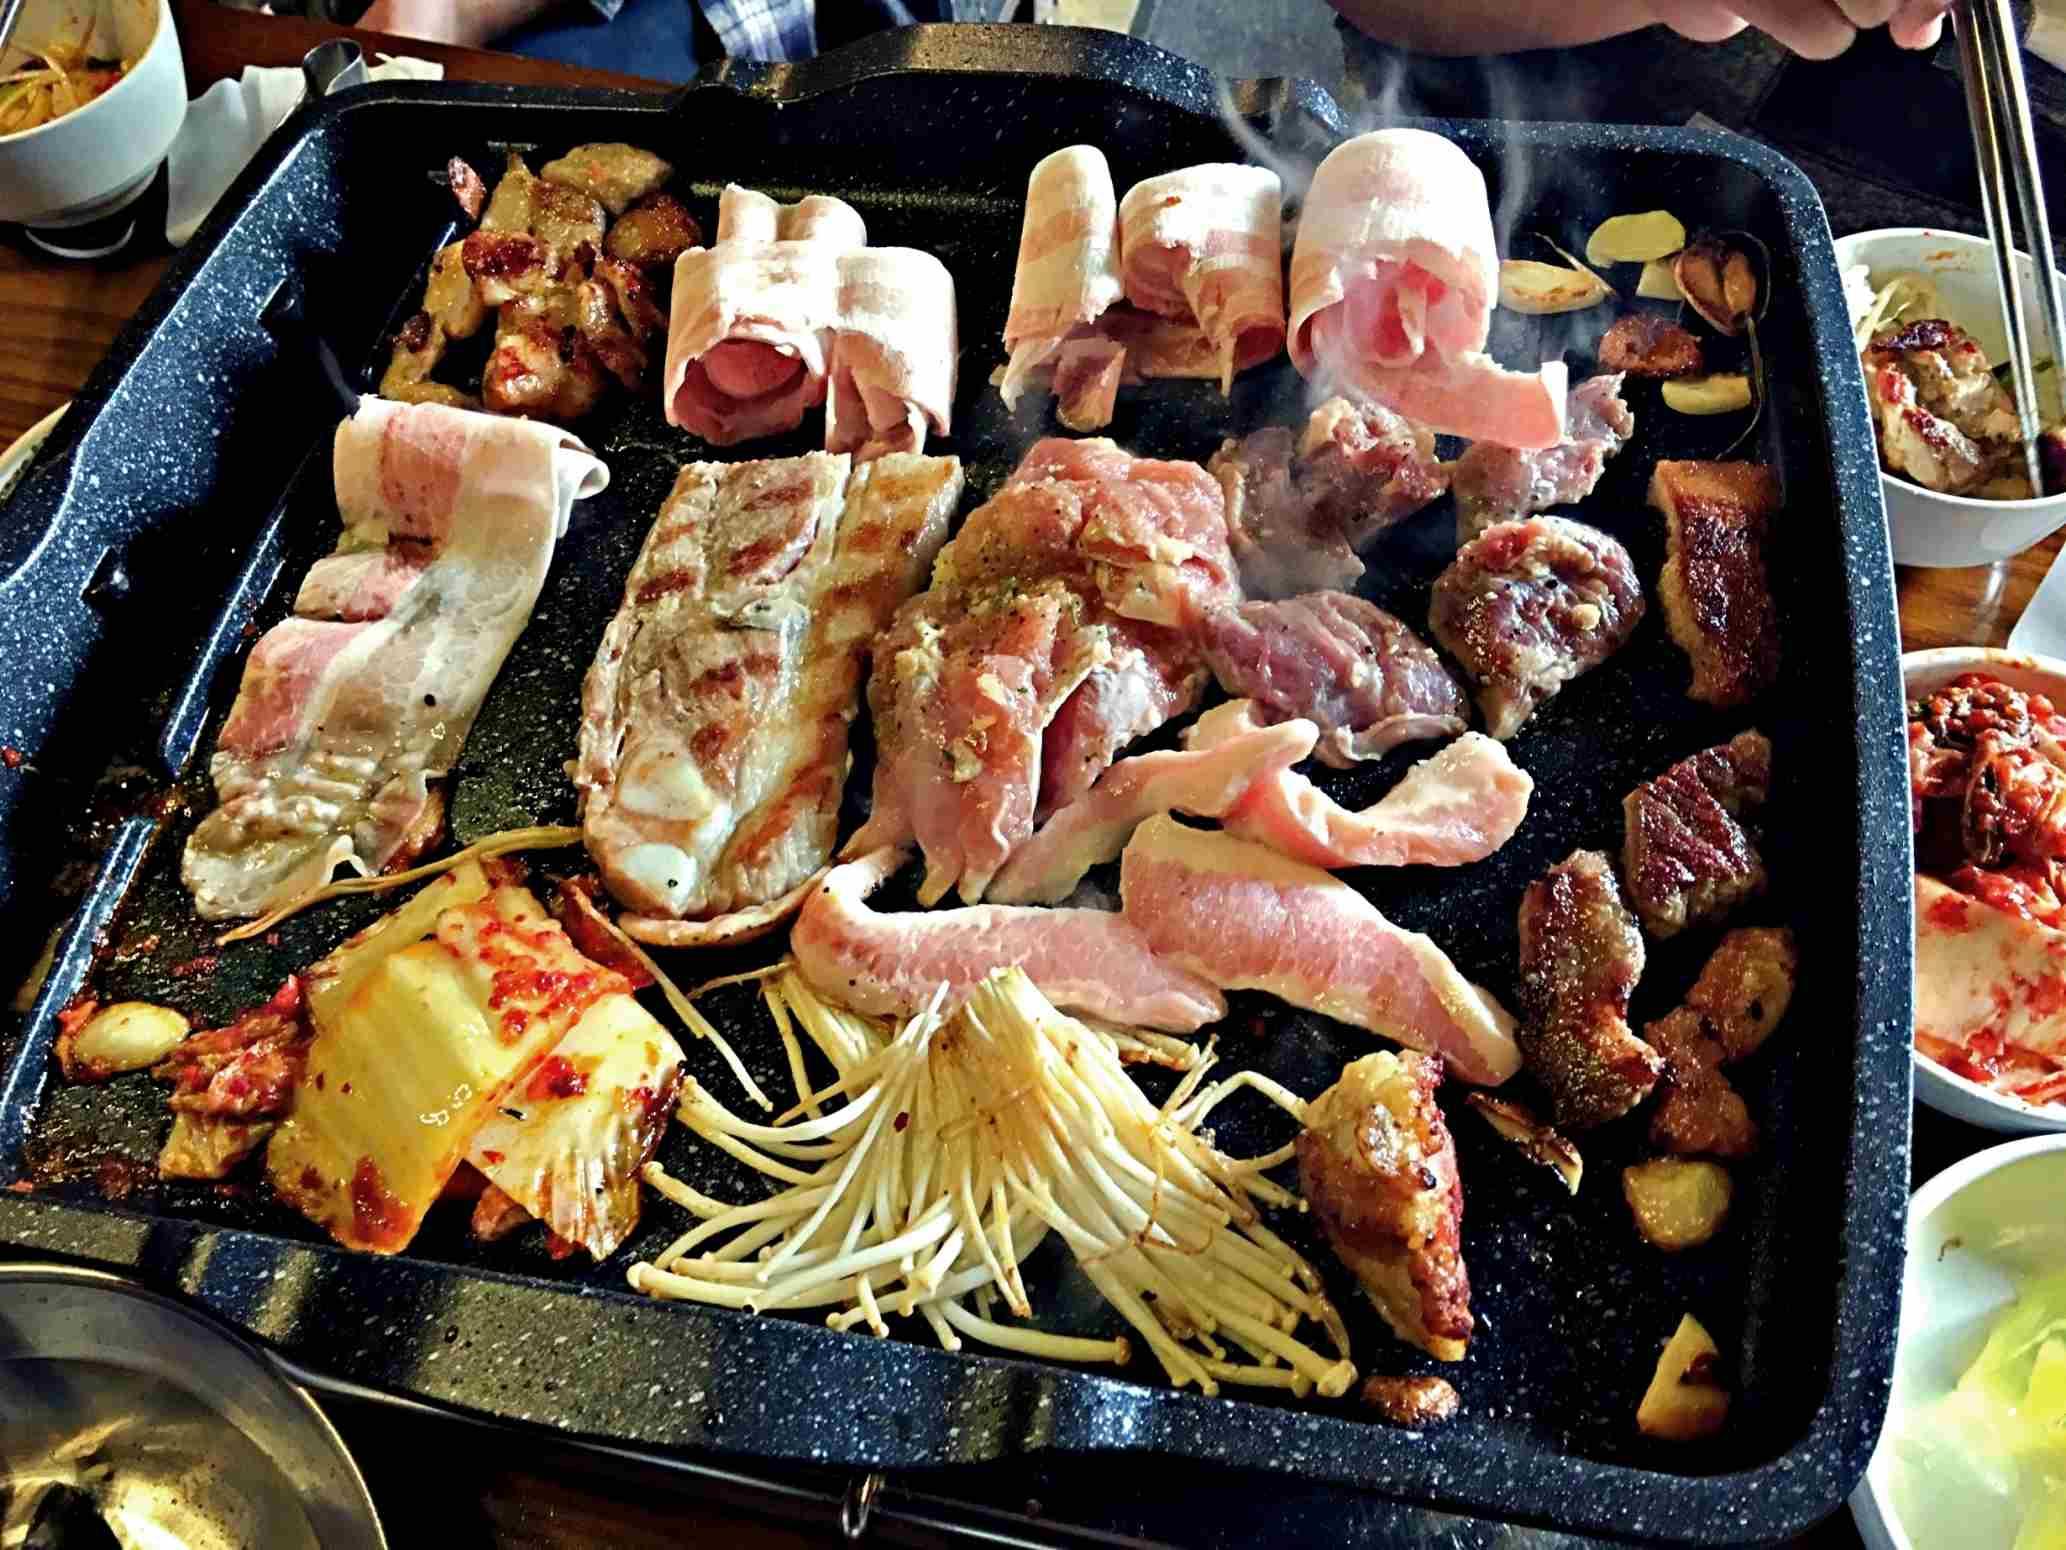 烤肉小秘訣:較肥的三層肉可以放上方烤,泡菜、菇類放下方烤,鐵板傾斜油脂會自然往下流,沾到油脂的泡菜、菇類會更香!